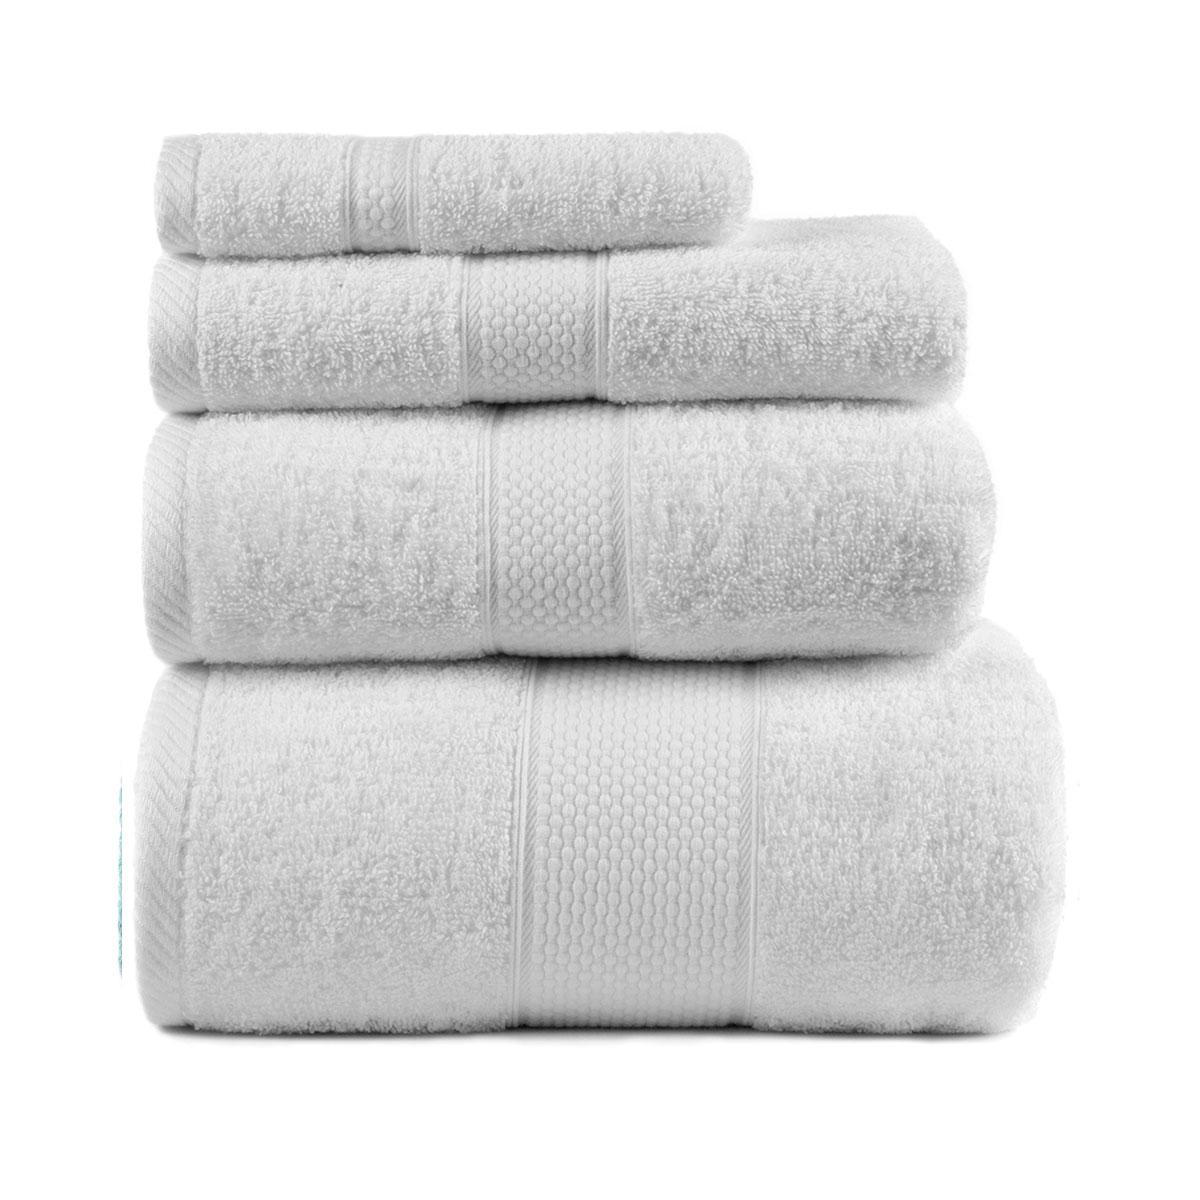 Полотенце для лица Arya Miranda Soft 50*90 см махровое банное белое арт.TRK111000017463